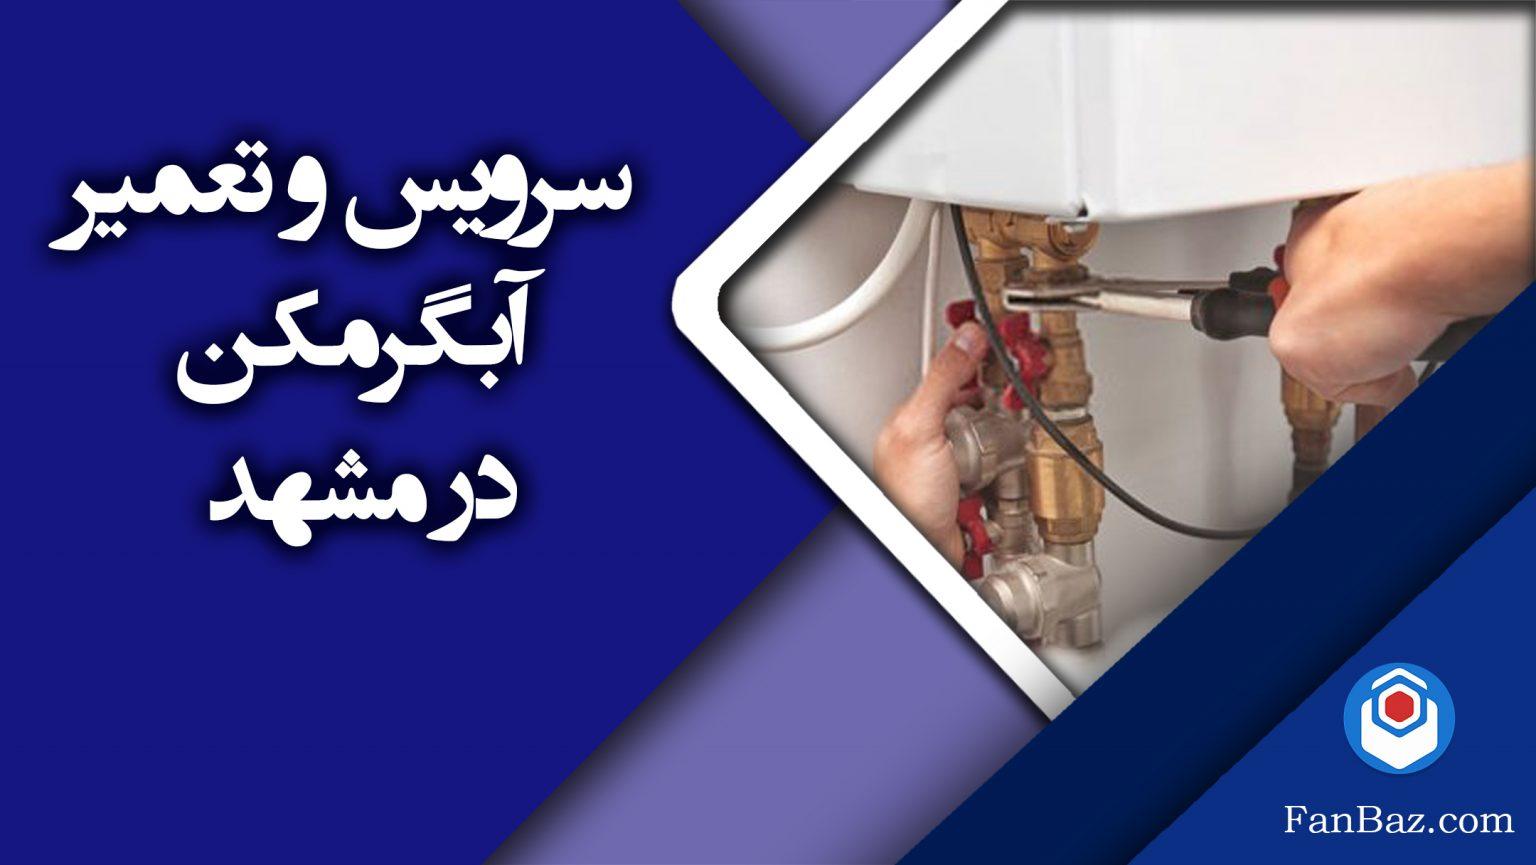 تعمیر آبگرمکن در مشهد